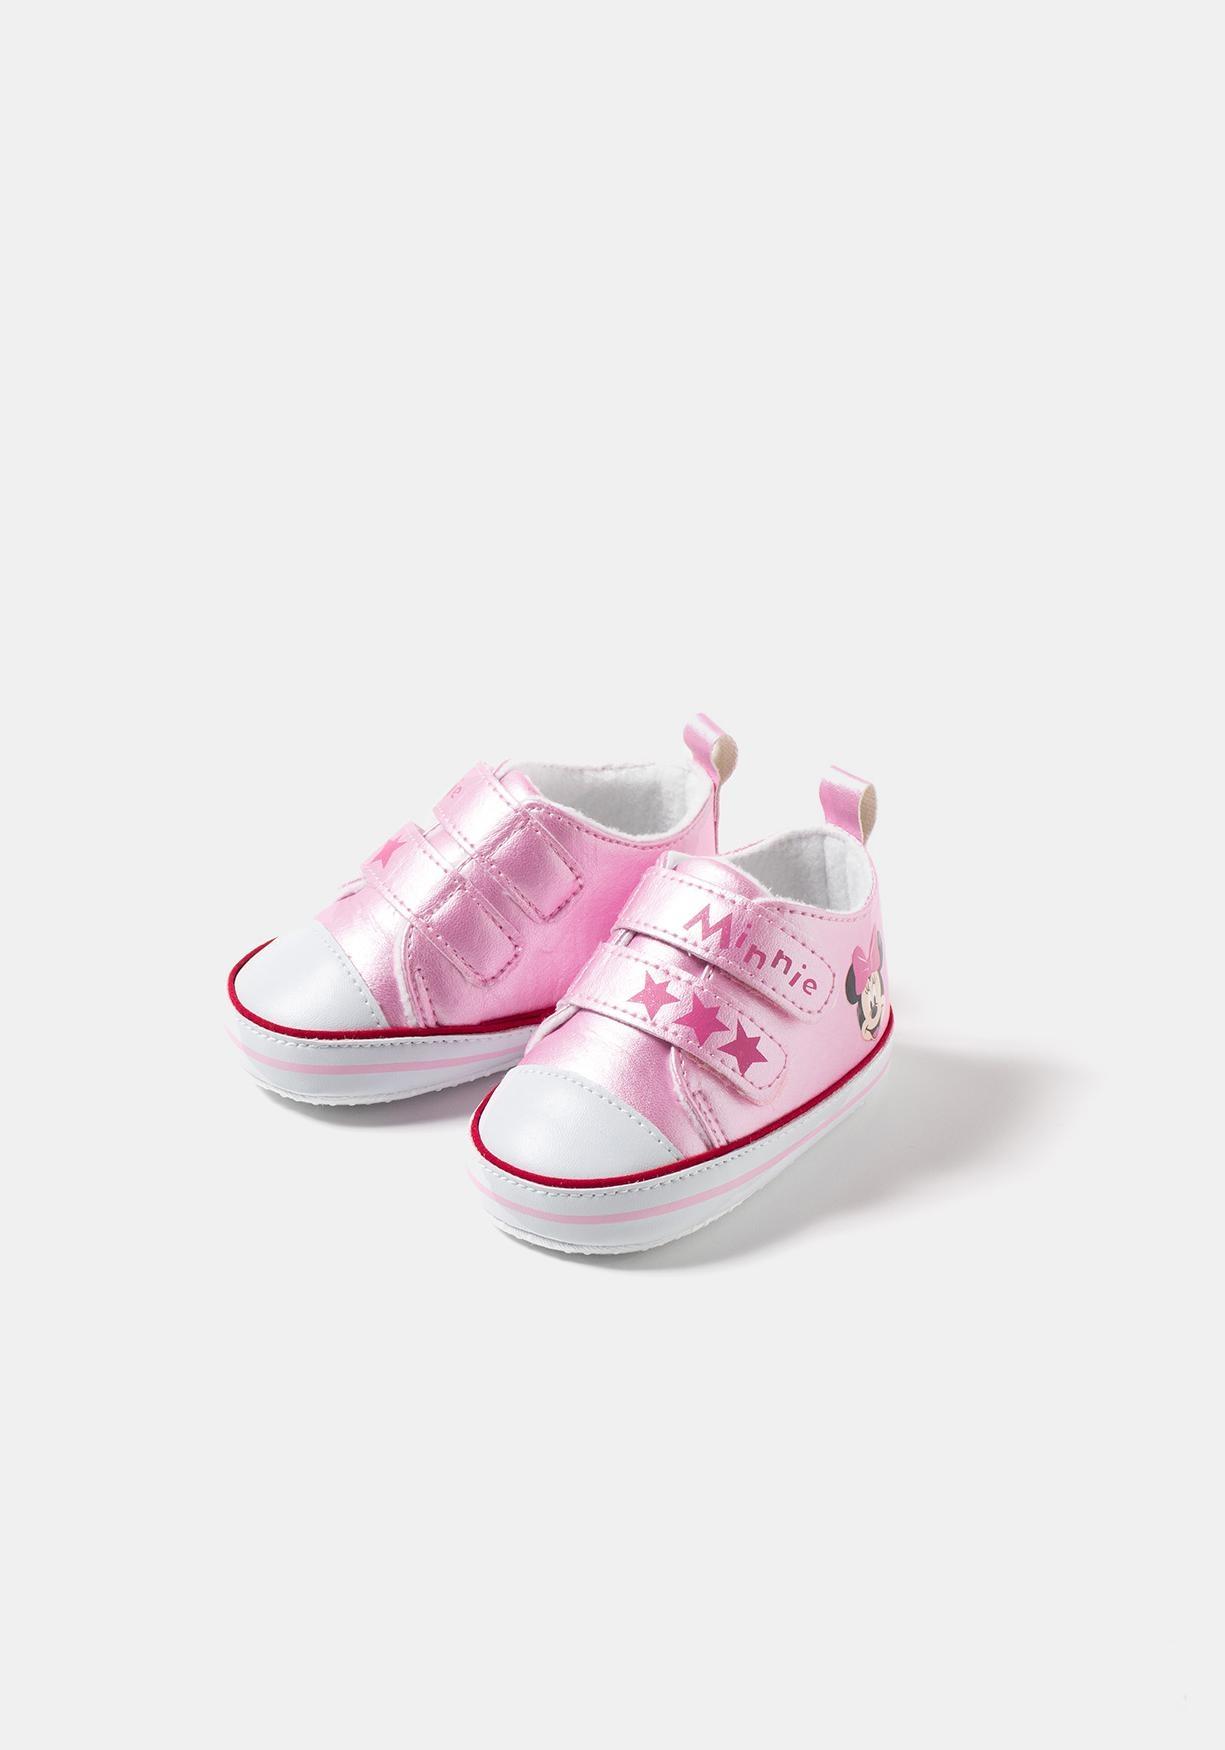 b4f99a0a Comprar Zapatillas de deporte Minnie de DISNEY (Tallas 16 a 20 ...